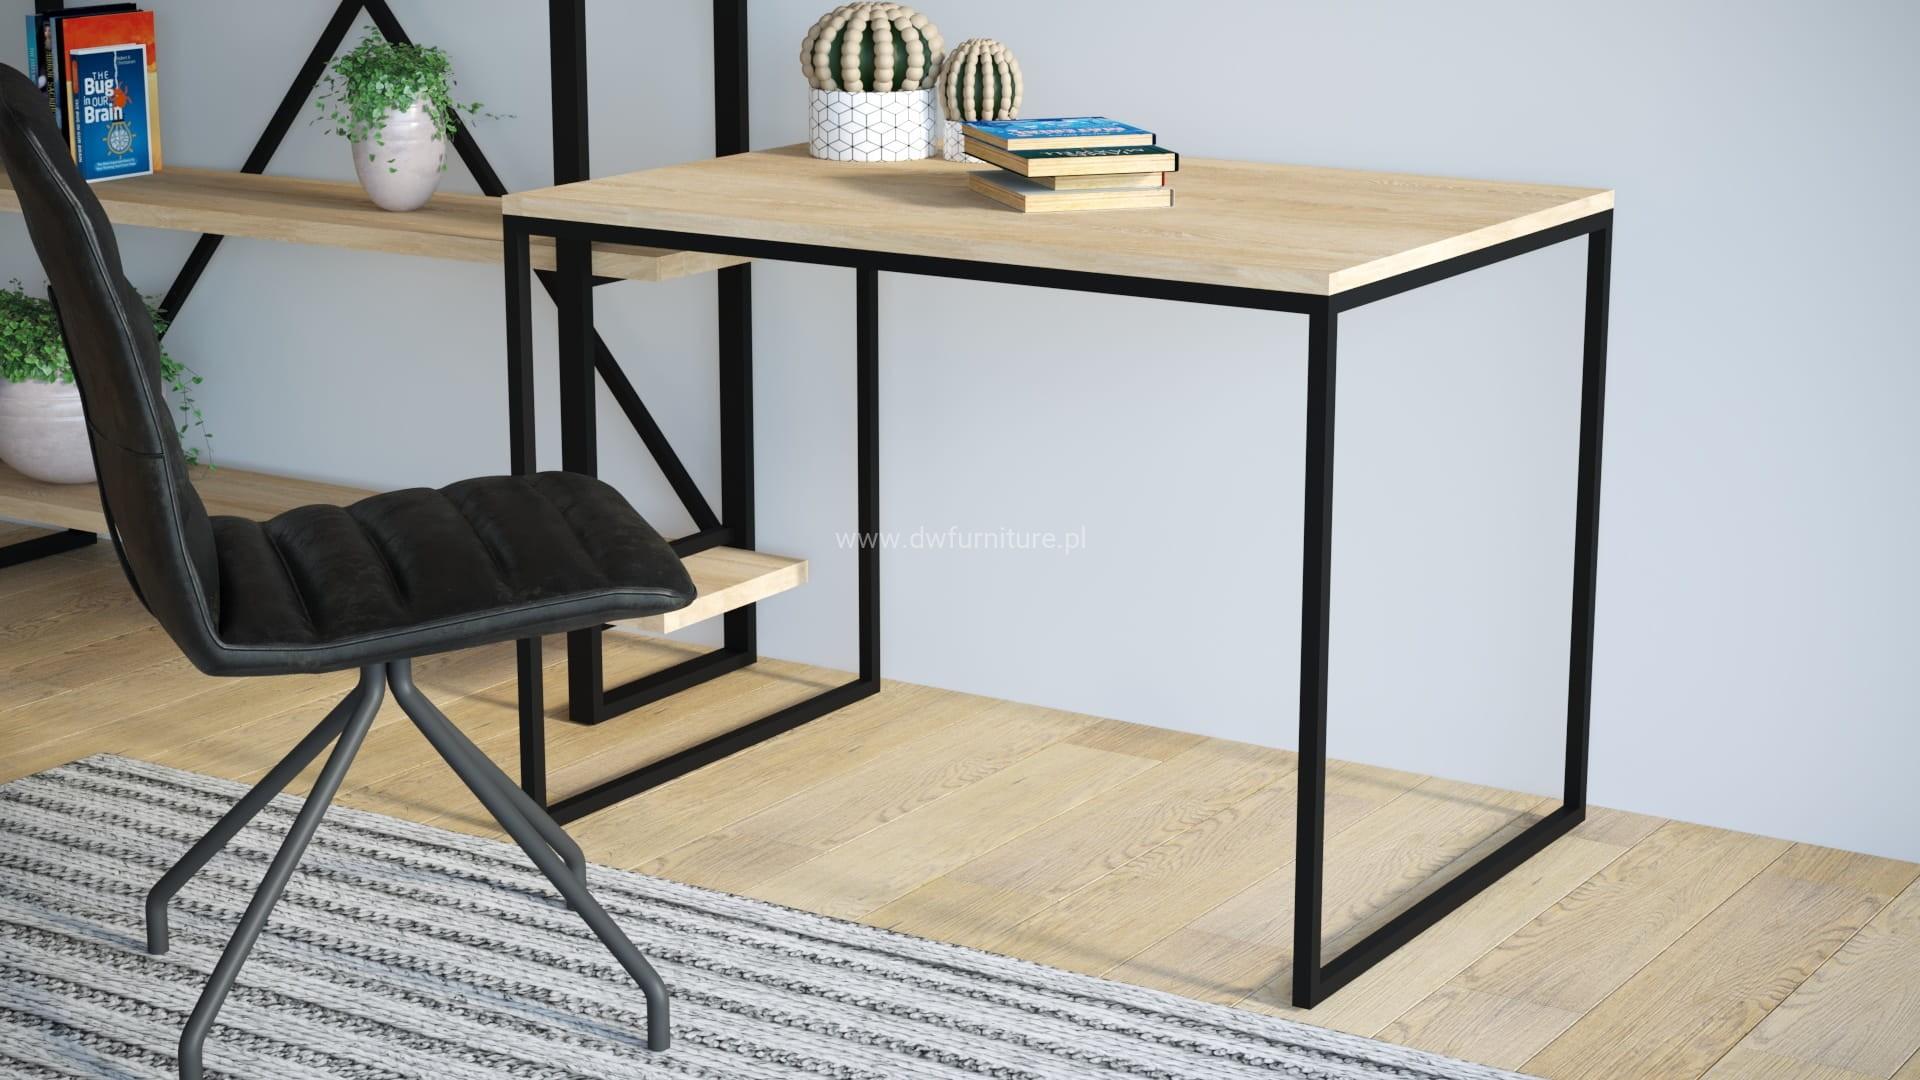 Nowoczesne biurko w stylu loft, drewniany blat, metalowa konstrukcja